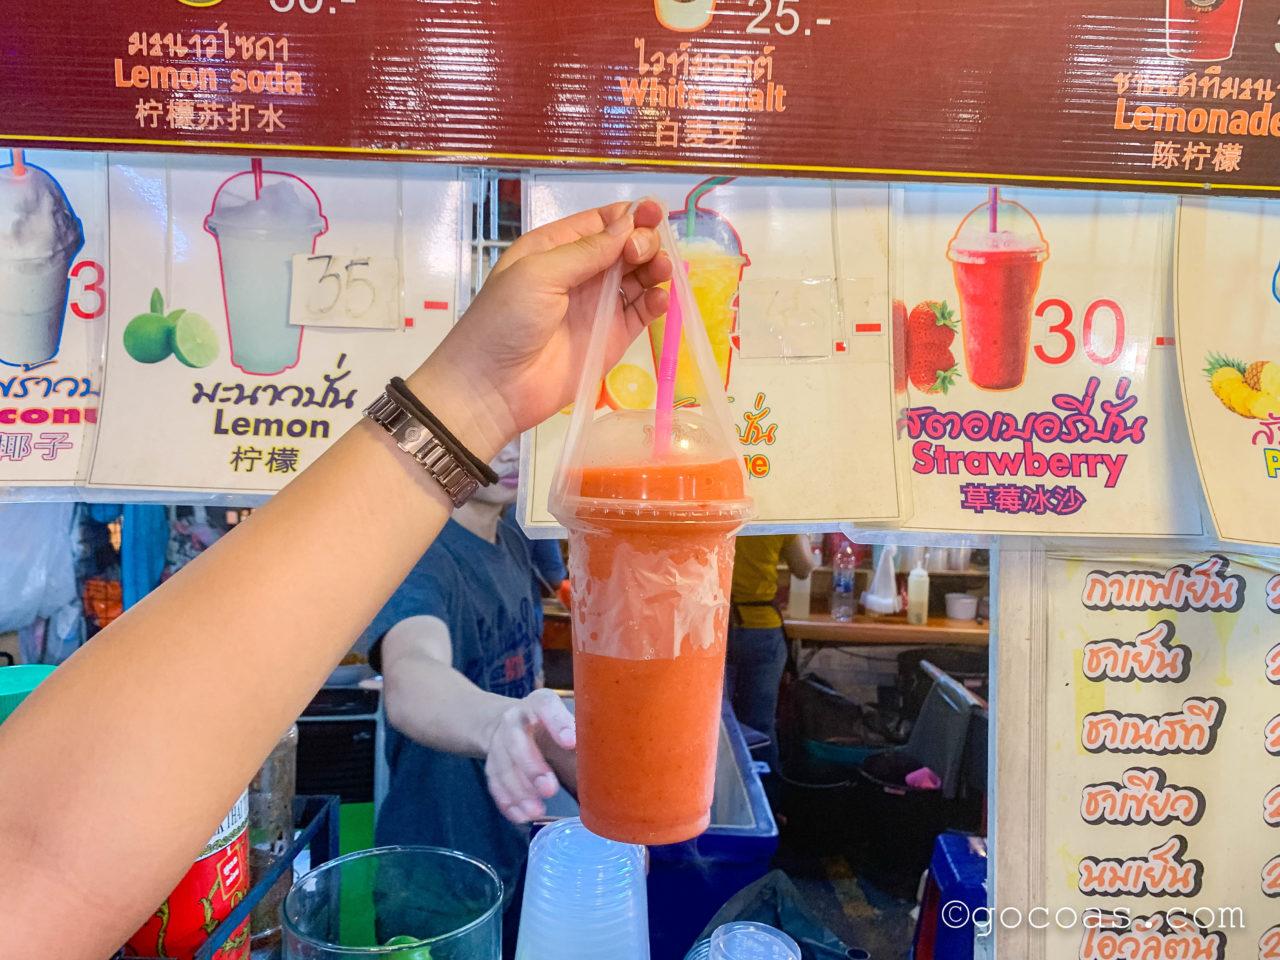 ラチャダー 鉄道市場に並ぶジュースの屋台で買ったミックスジュース